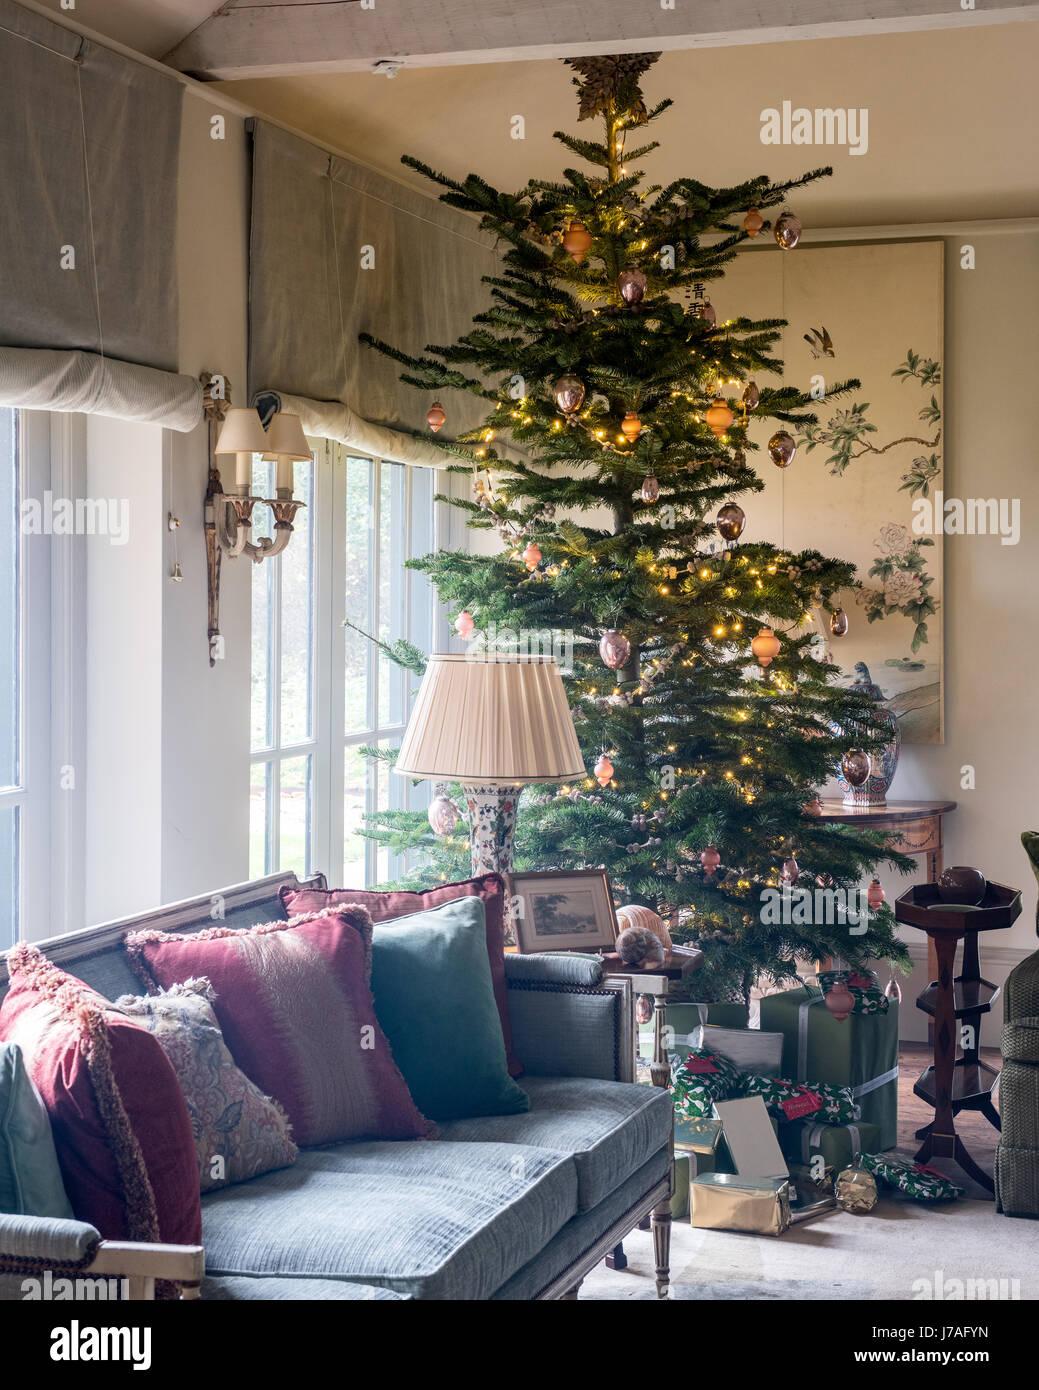 Groß Weihnachtsbaum in der Ecke des geräumigen Wohnzimmer ...